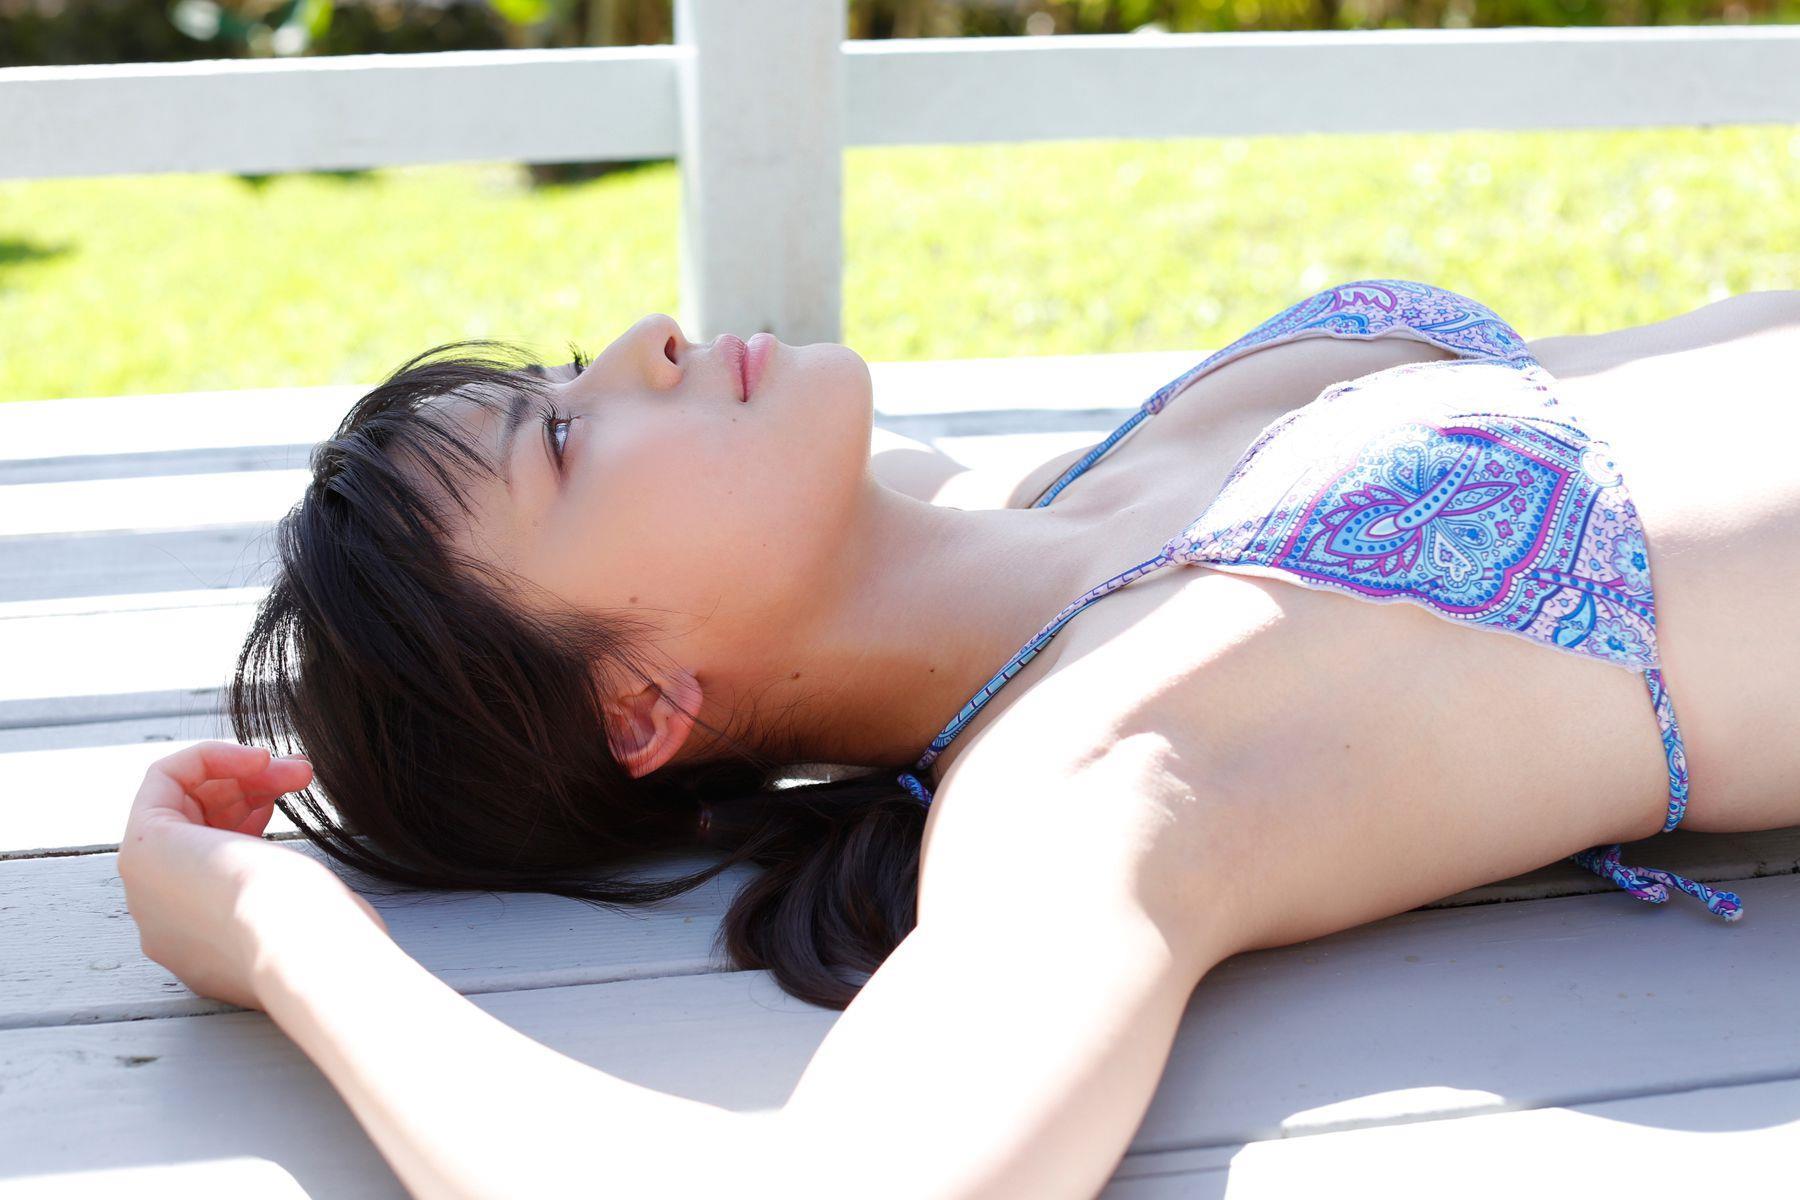 矢島舞美 画像 188